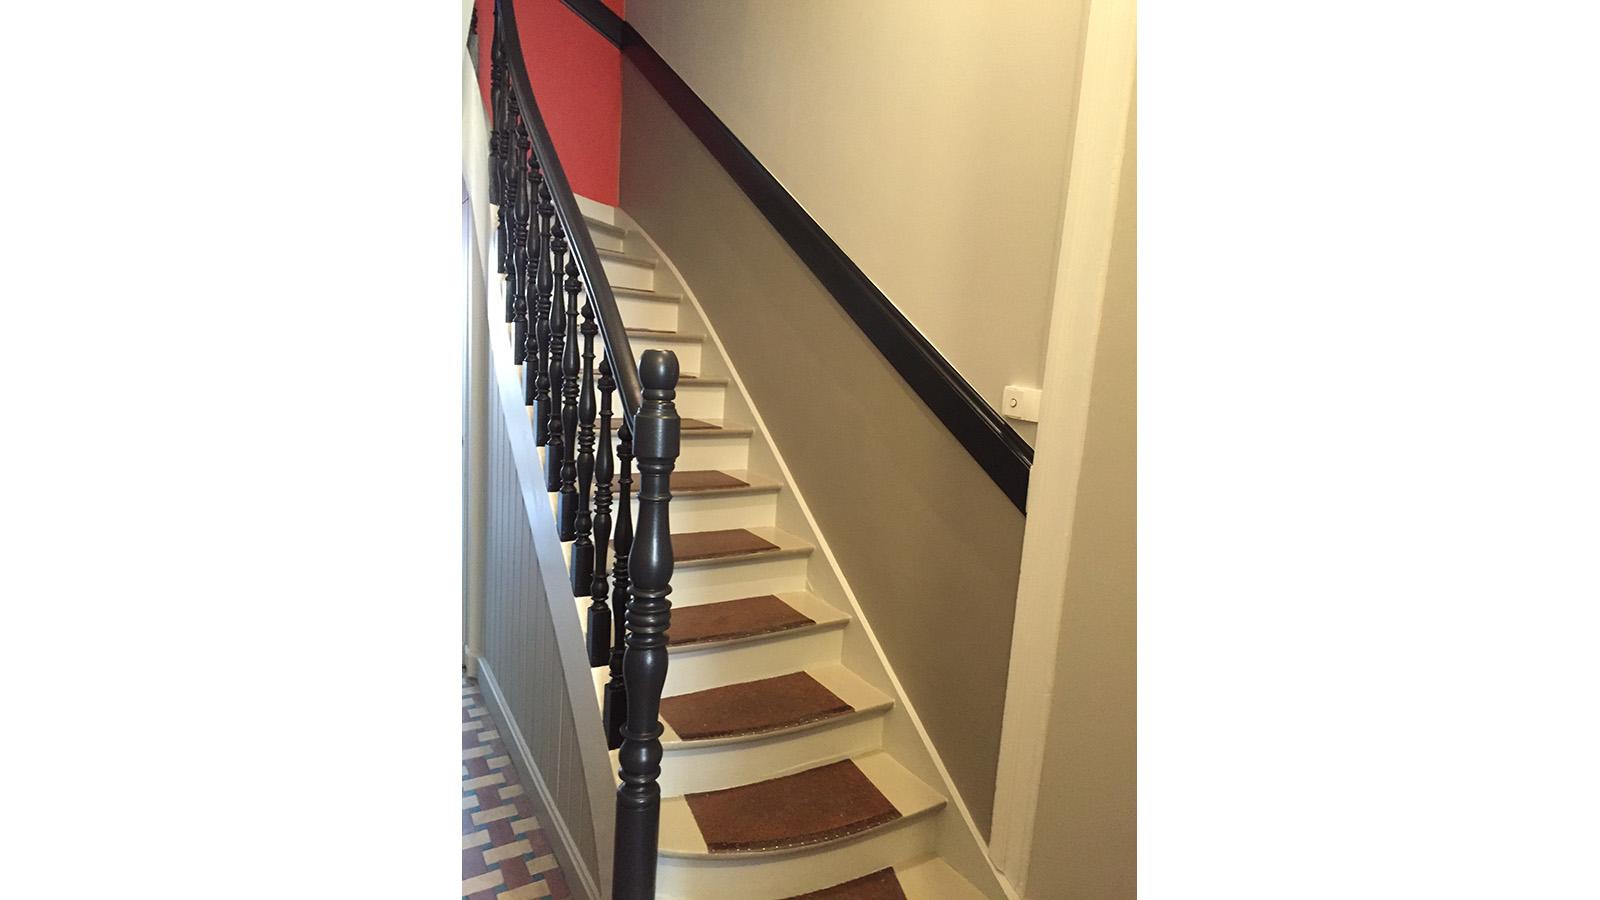 Renovation Escalier Nord Pas De Calais rénovation cage escalier - les pinceaux de valérie